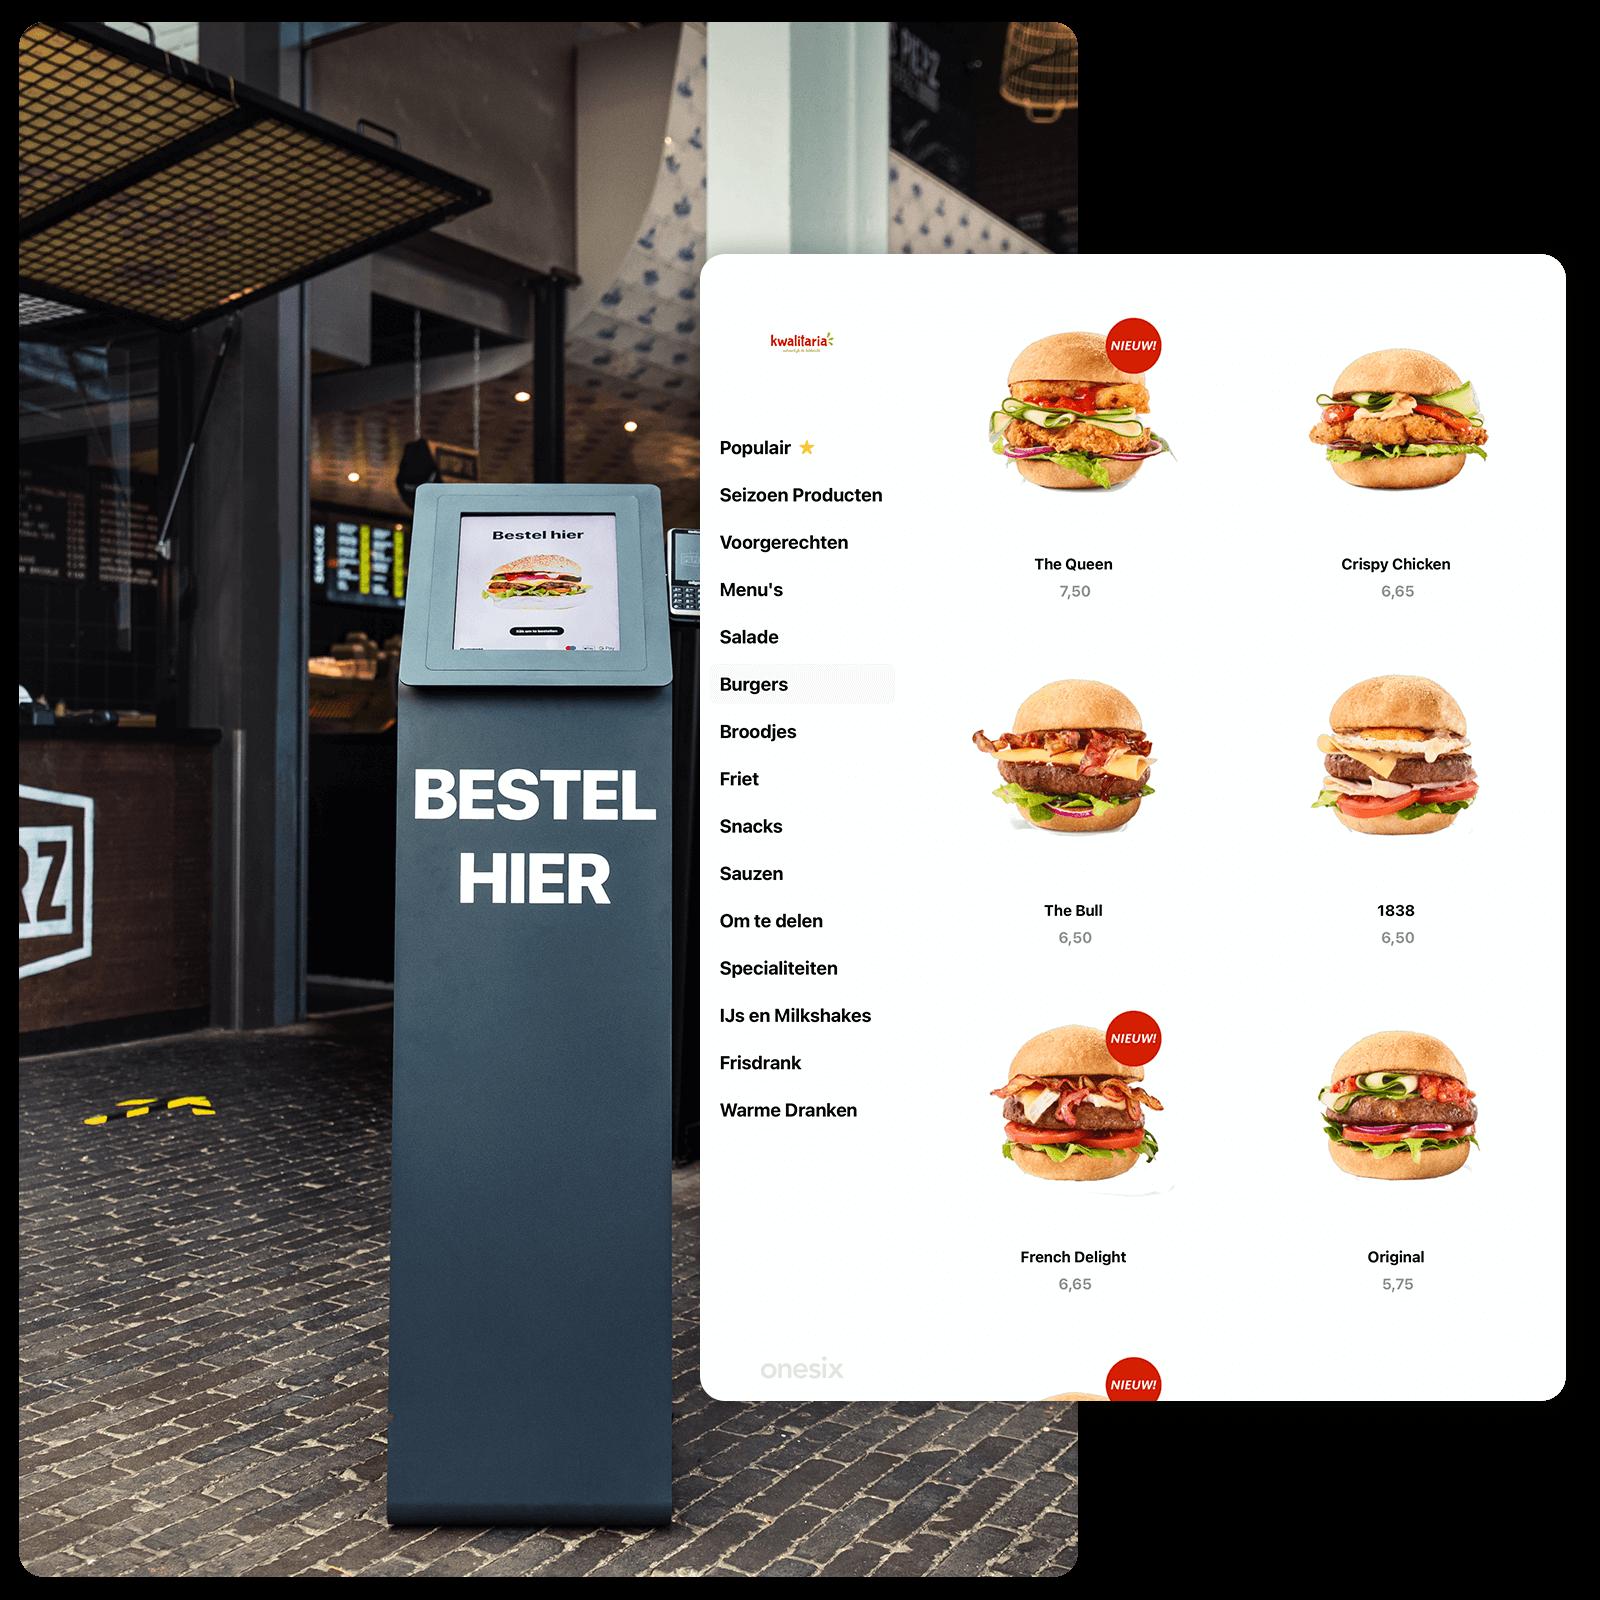 Dit is de Onesix Kiosk bij Pieperz in Veghel. De bestelzuil laat zien dat gasten via de bestelzuil kunnen bestellen, wat snelheid oplevert. Hierdoor kunnen gasen makkelijk bestellen.